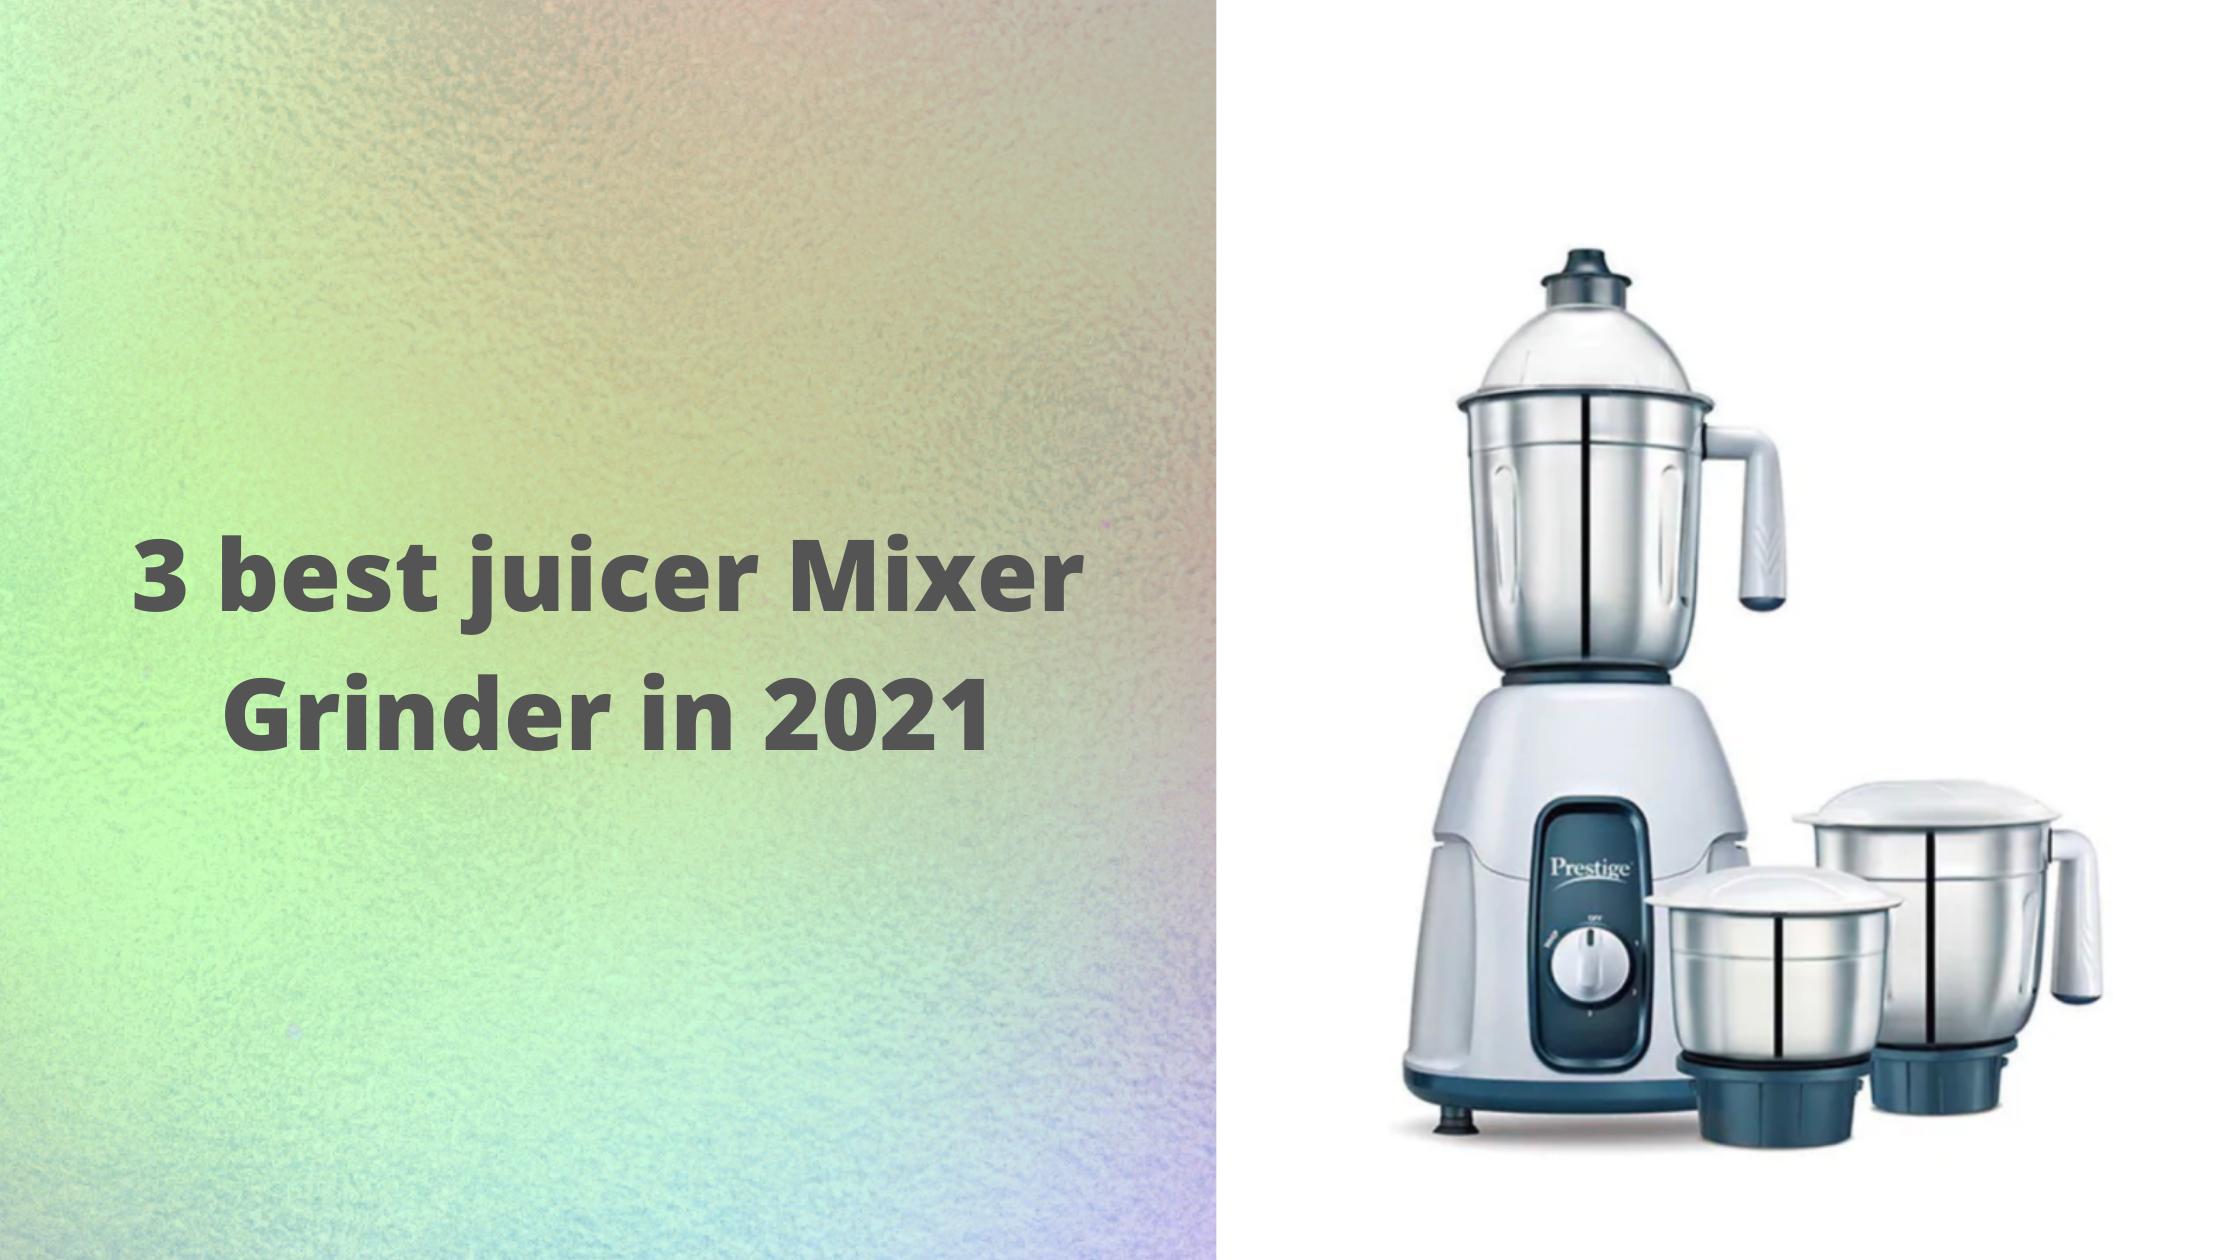 3 best juicer mixer grinder in 2021